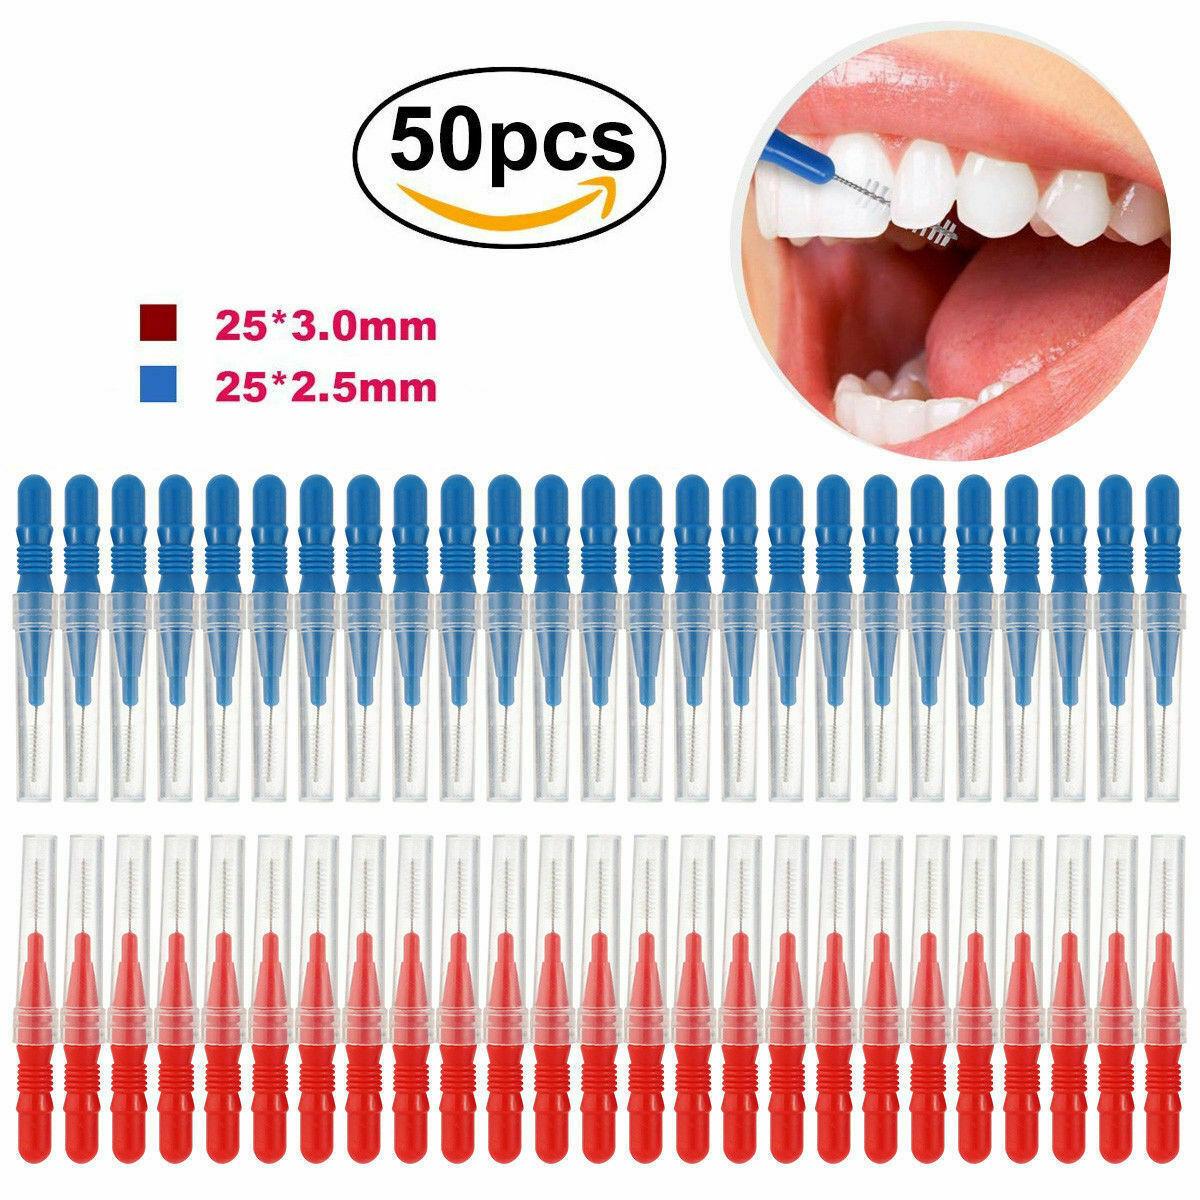 50x Interdental-Bürsten Größe Draht-Ø 2.5mm/3mm für Zahnzwischenraum-Reinigung